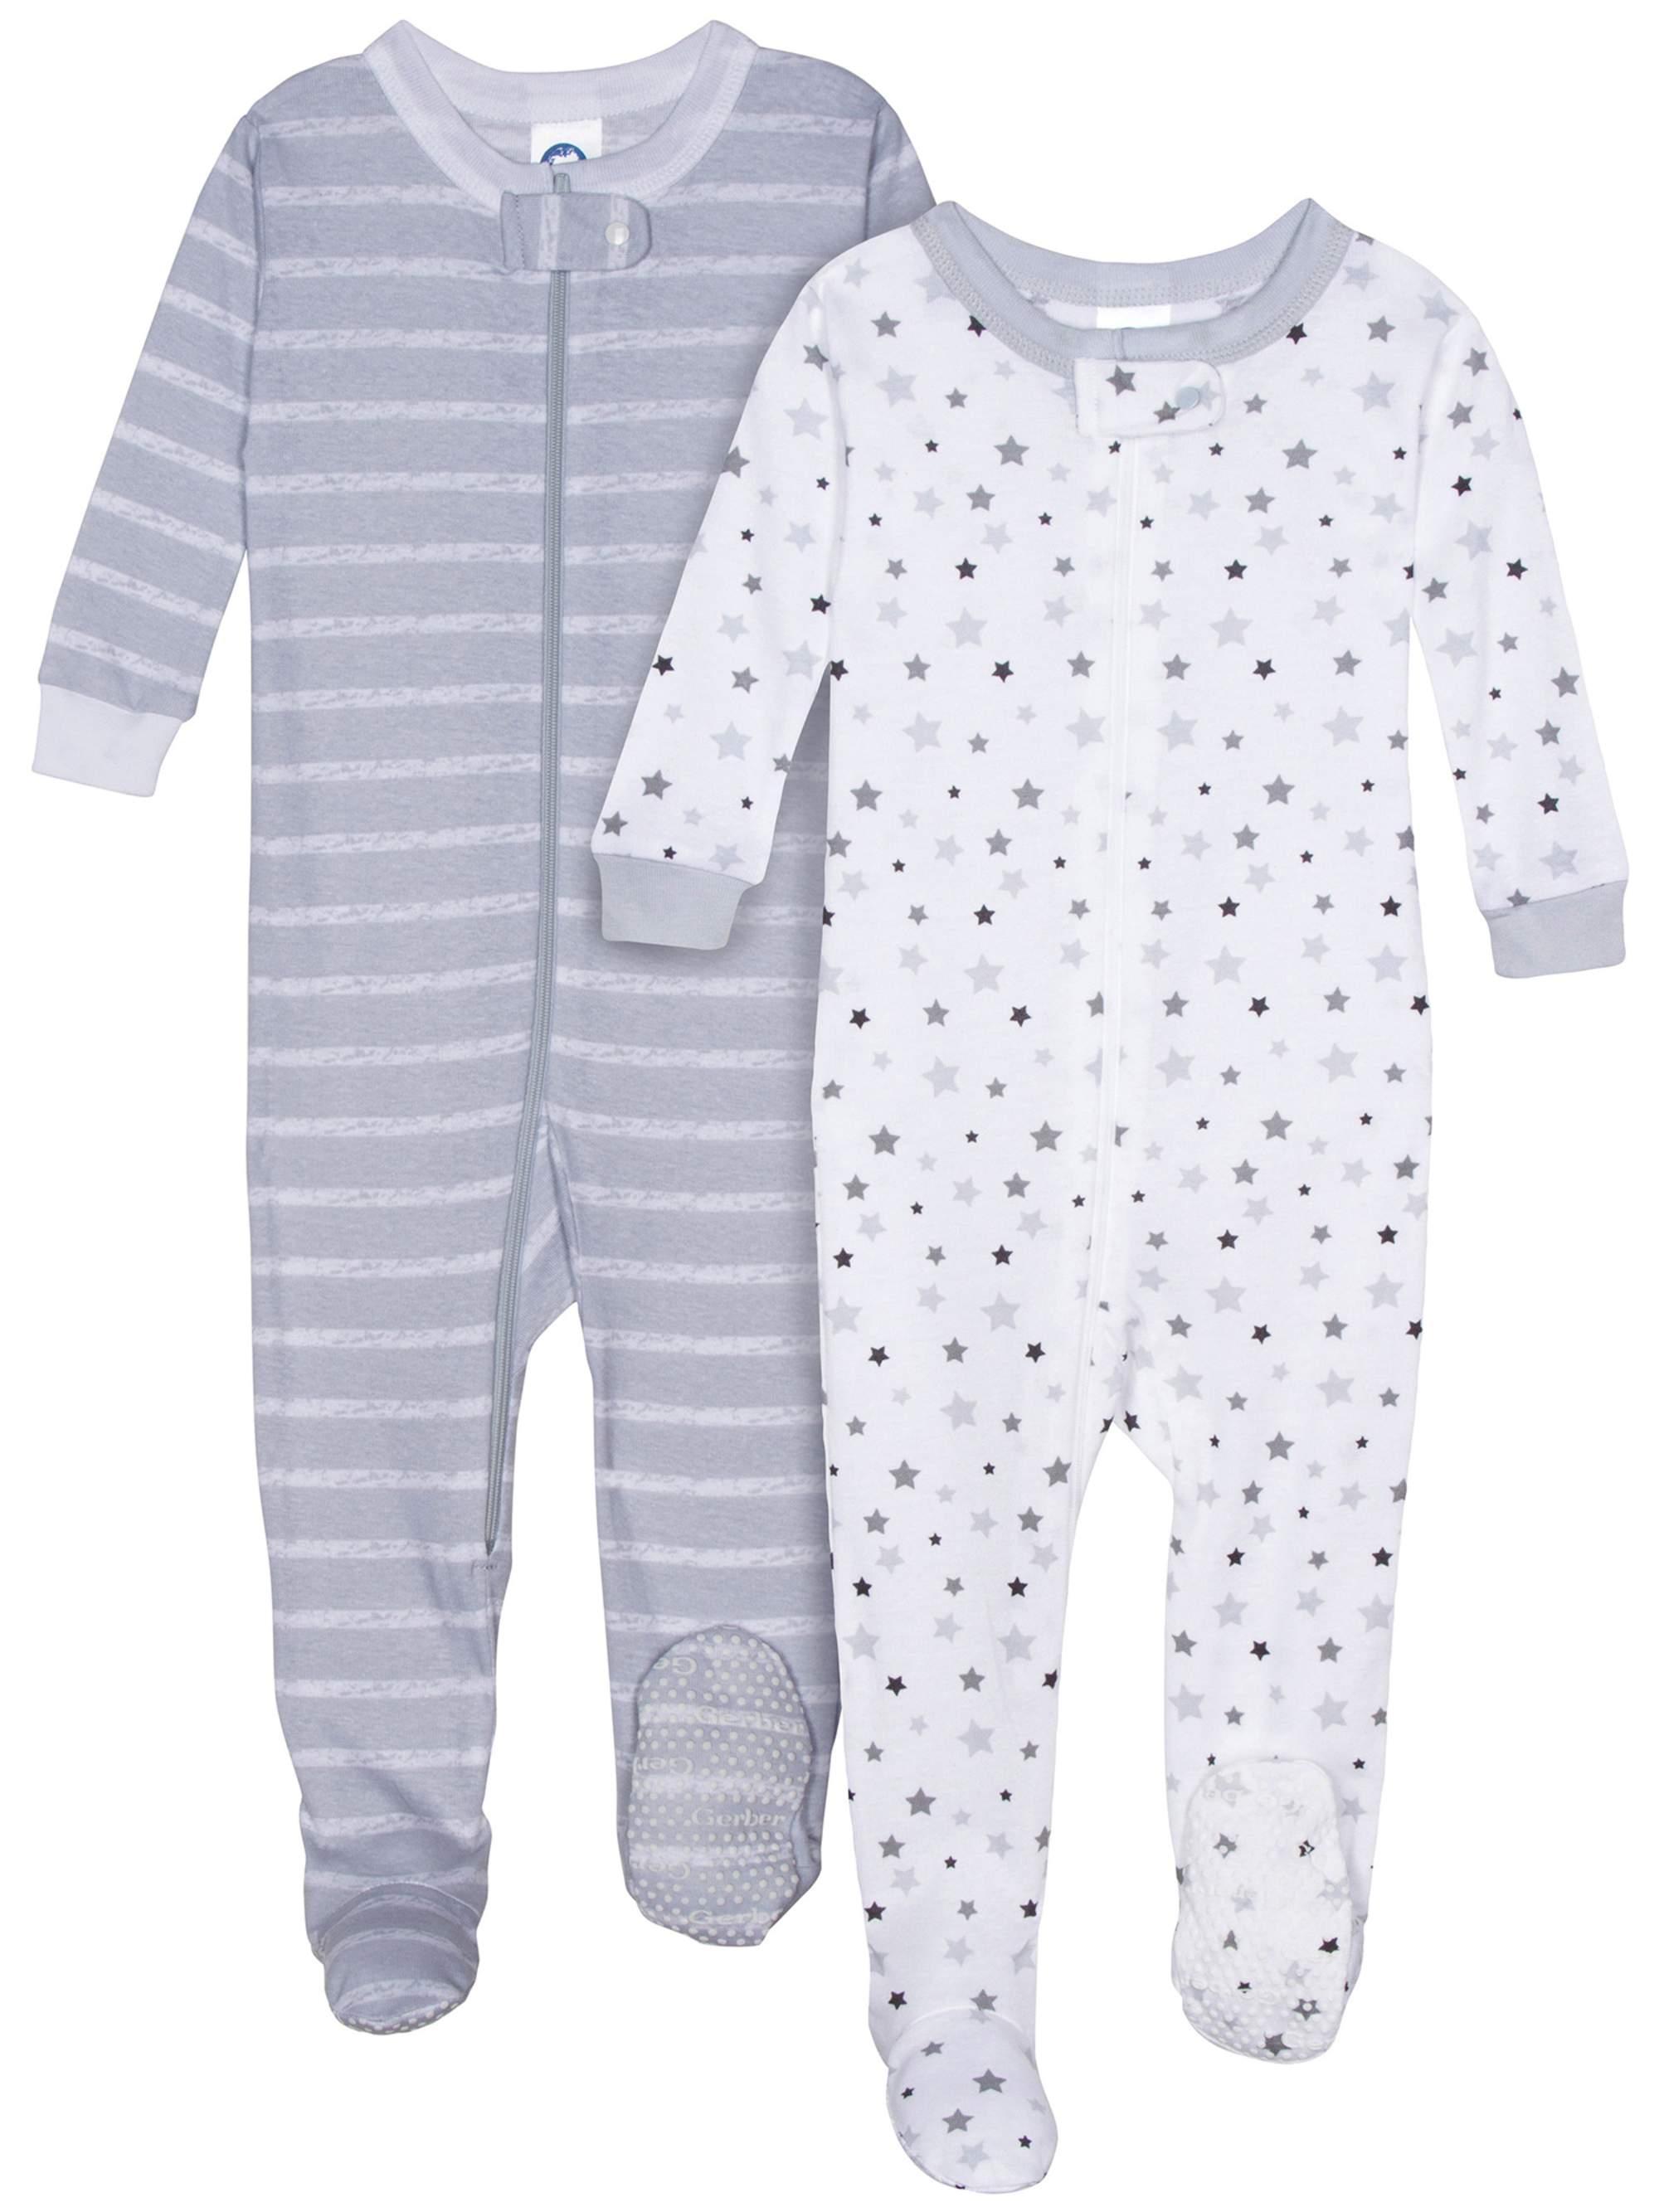 Organic Cotton Unionsuit Pajamas, 2pk (Baby Boys)